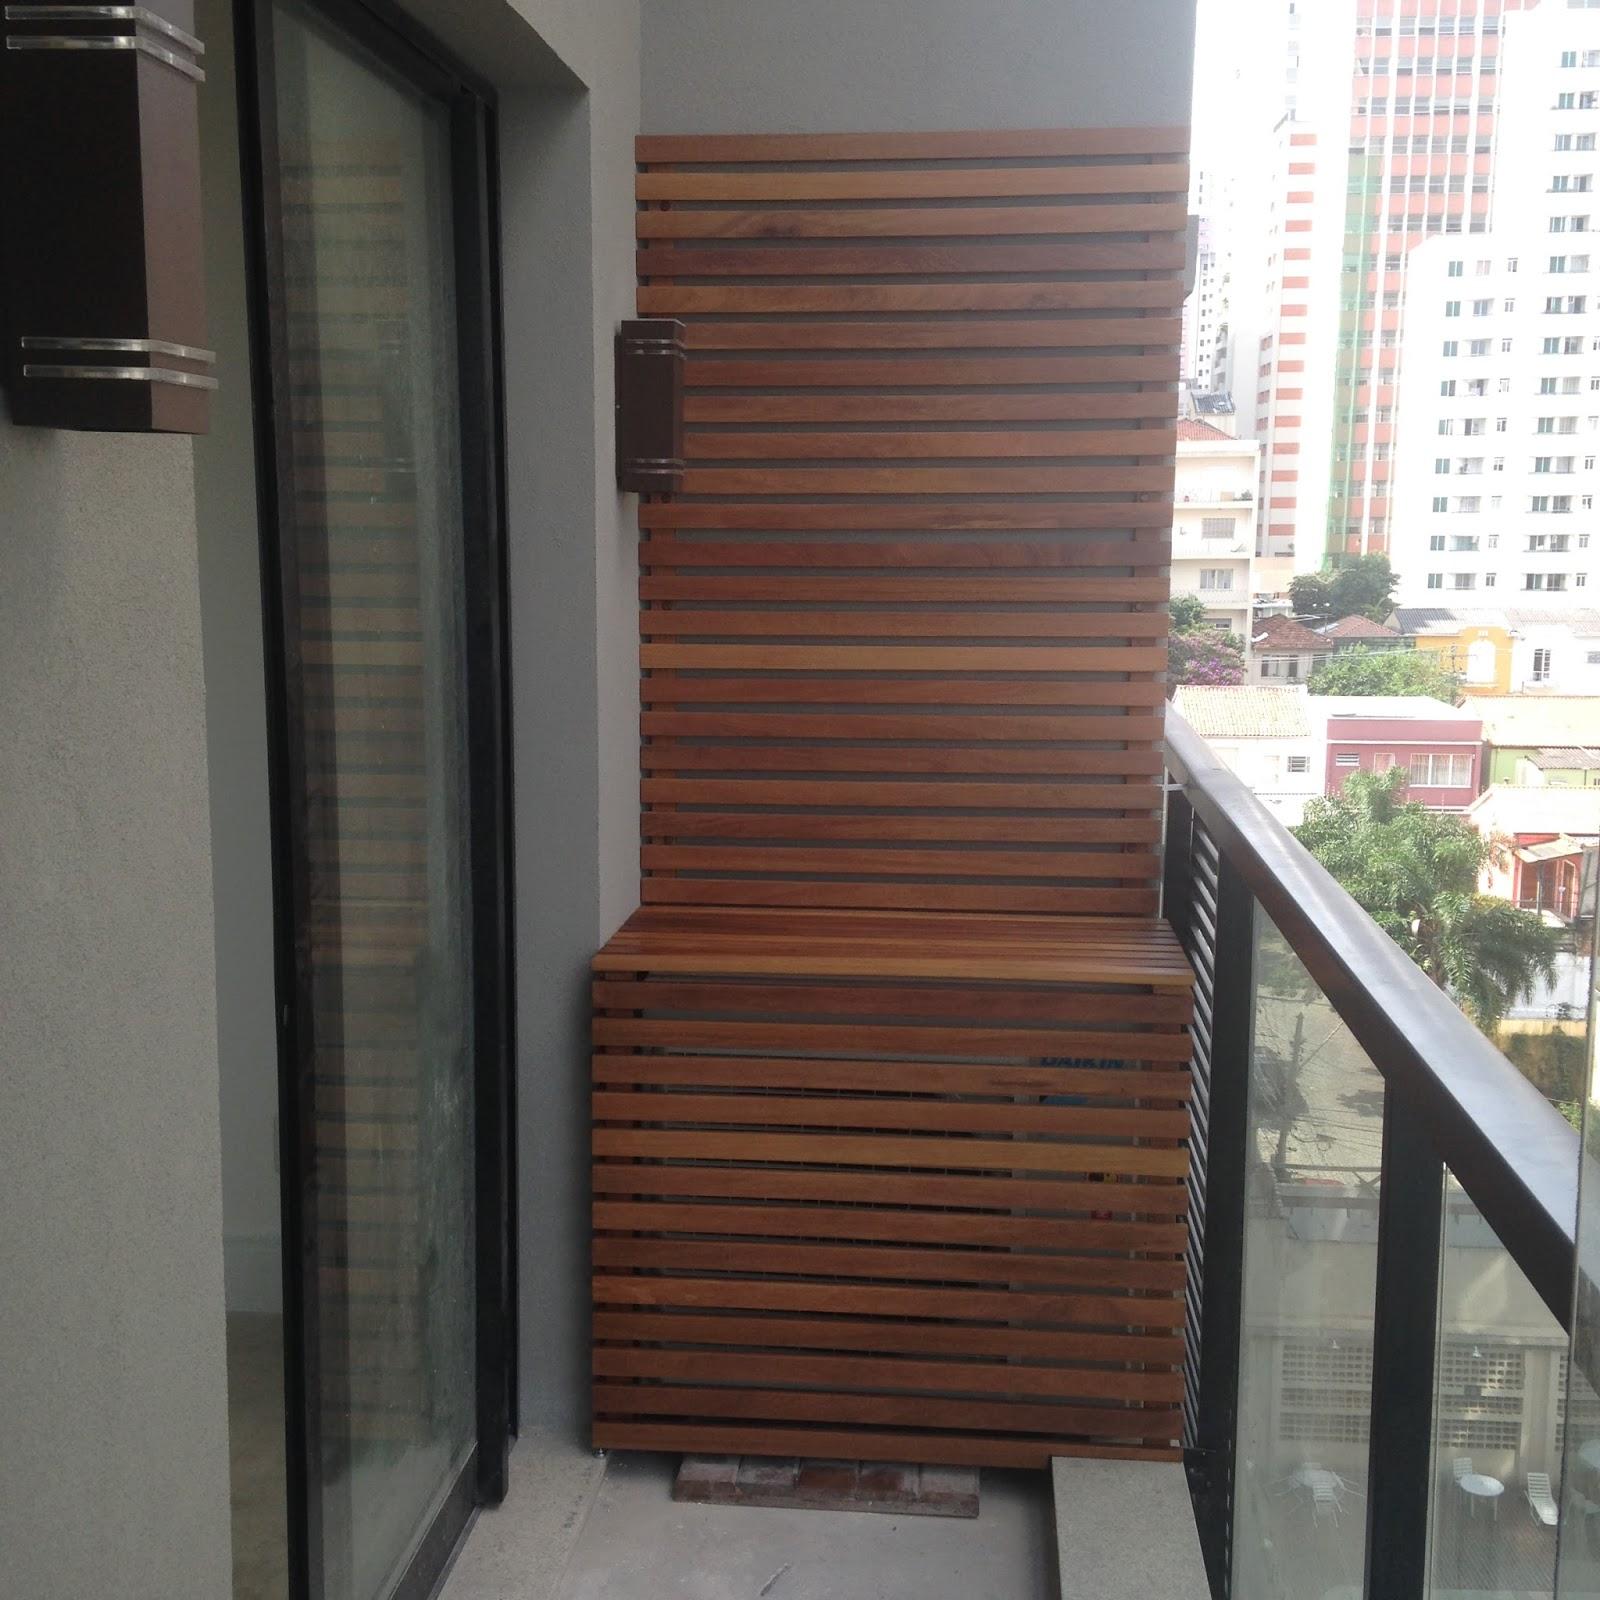 Atelier do Zero: Caixa de madeira feita em cumarú para esconder ar  #624135 1600x1600